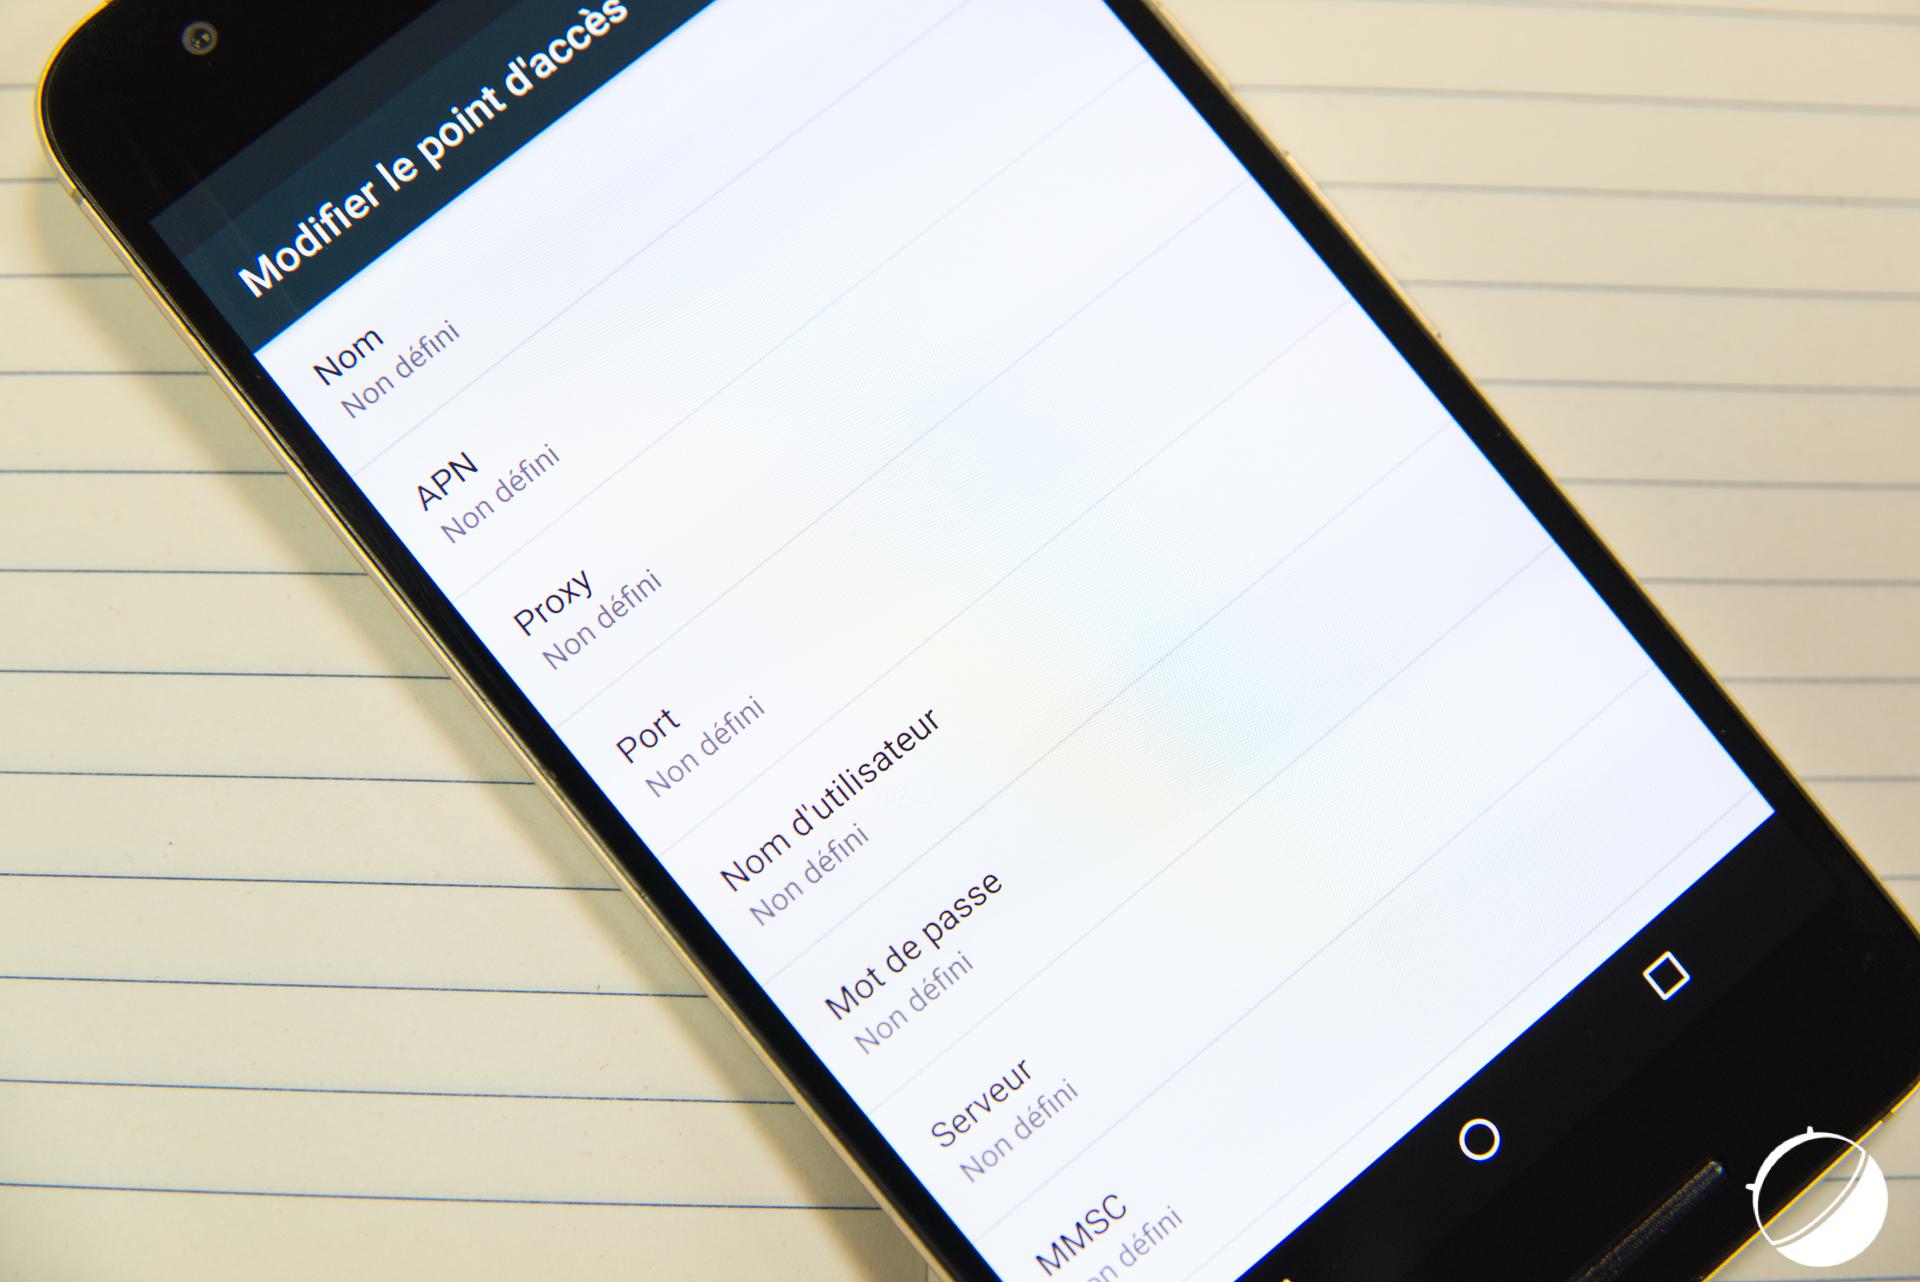 Comment configurer l'APN de son mobile sur Android et liste des APN par opérateur – Tutoriel